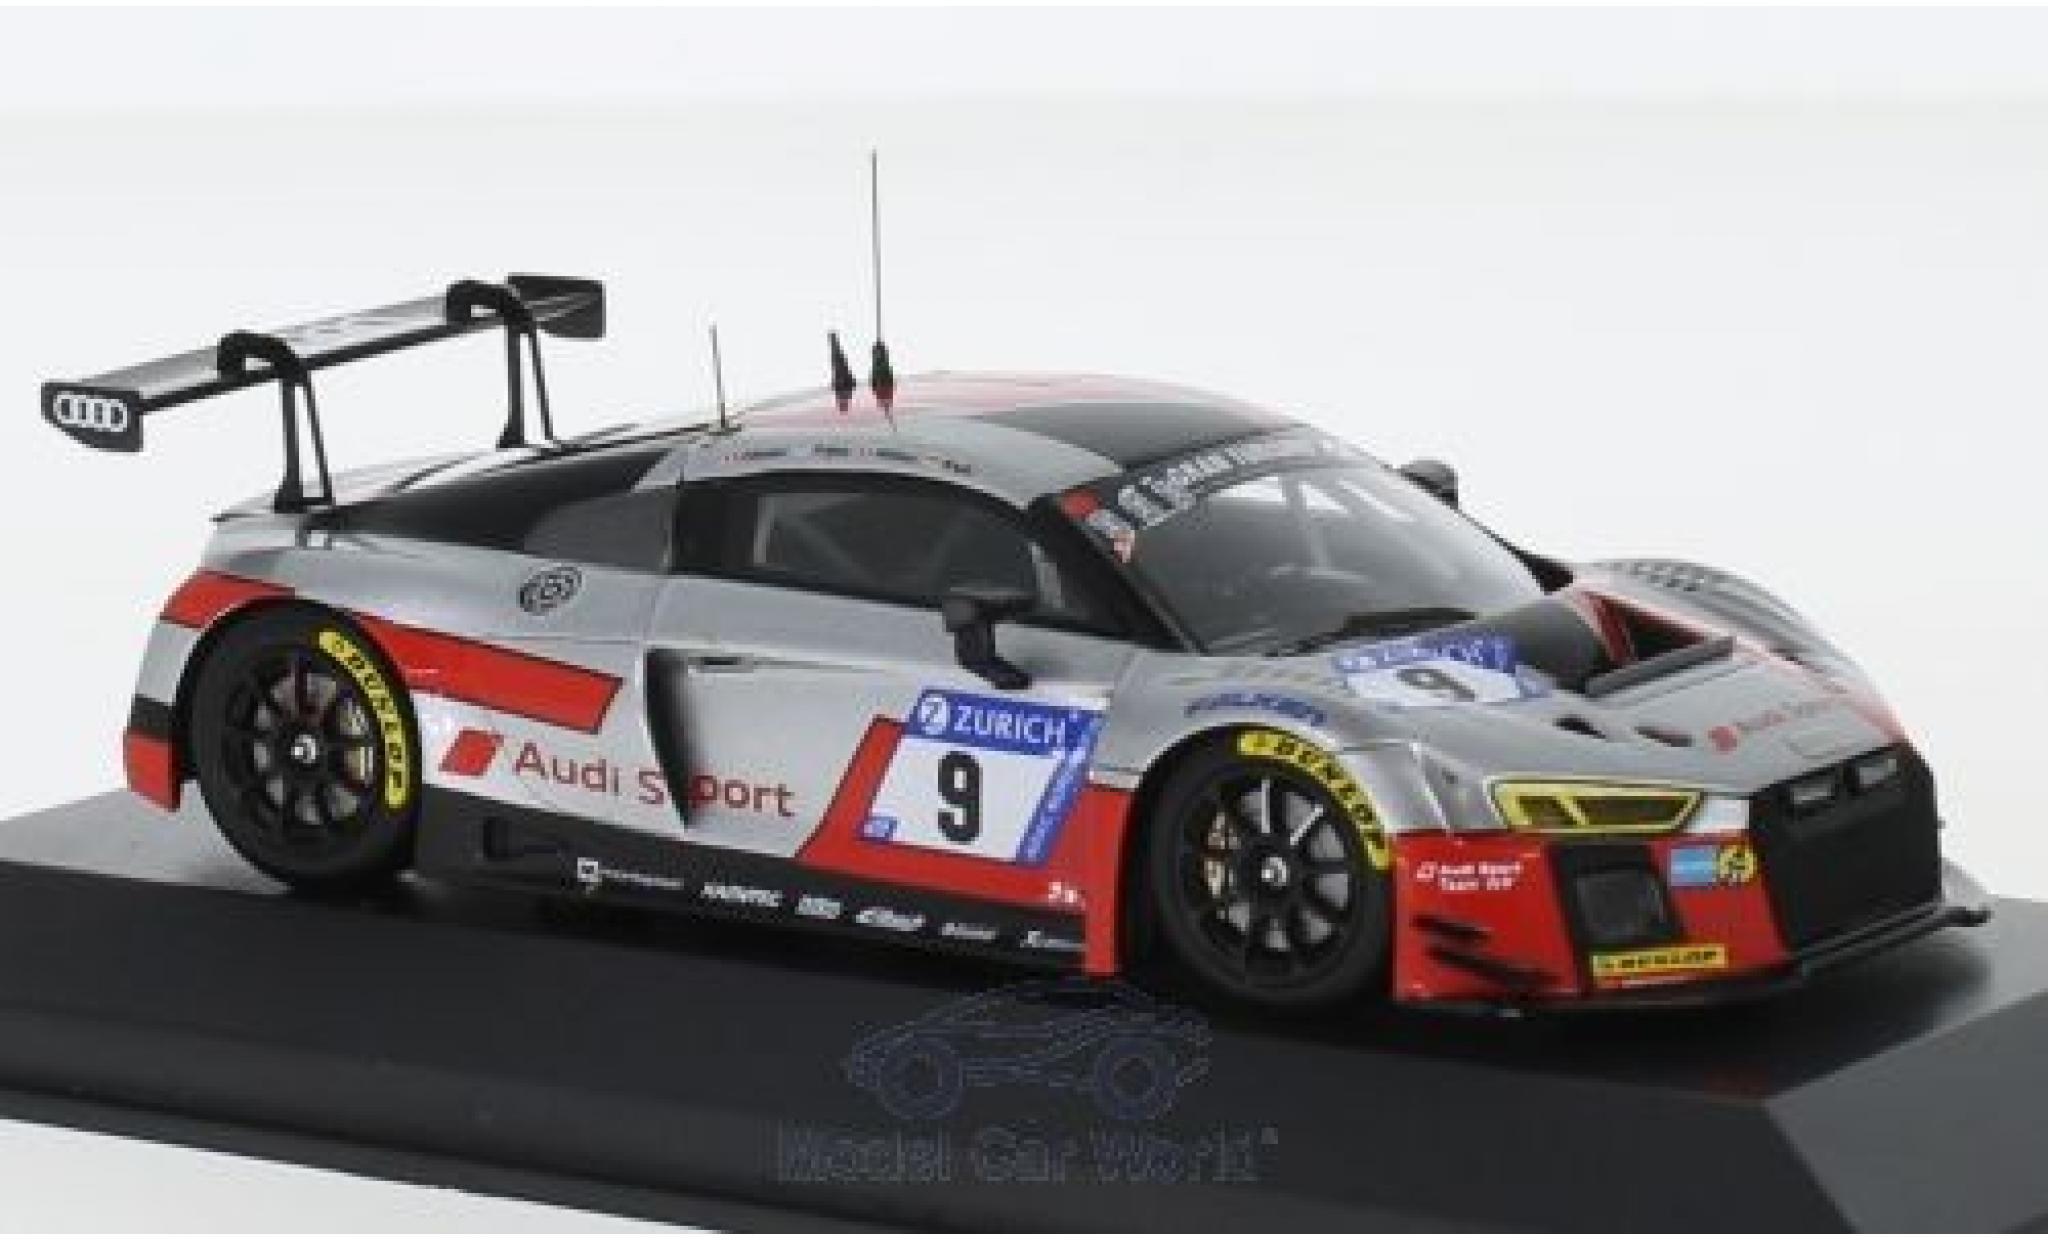 Audi R8 1/43 Minichamps LMS No.9 Sport Team WRT 24h Nürburgring 2017 N.Müller/M.Fässler/R.Frijns/R.Rast